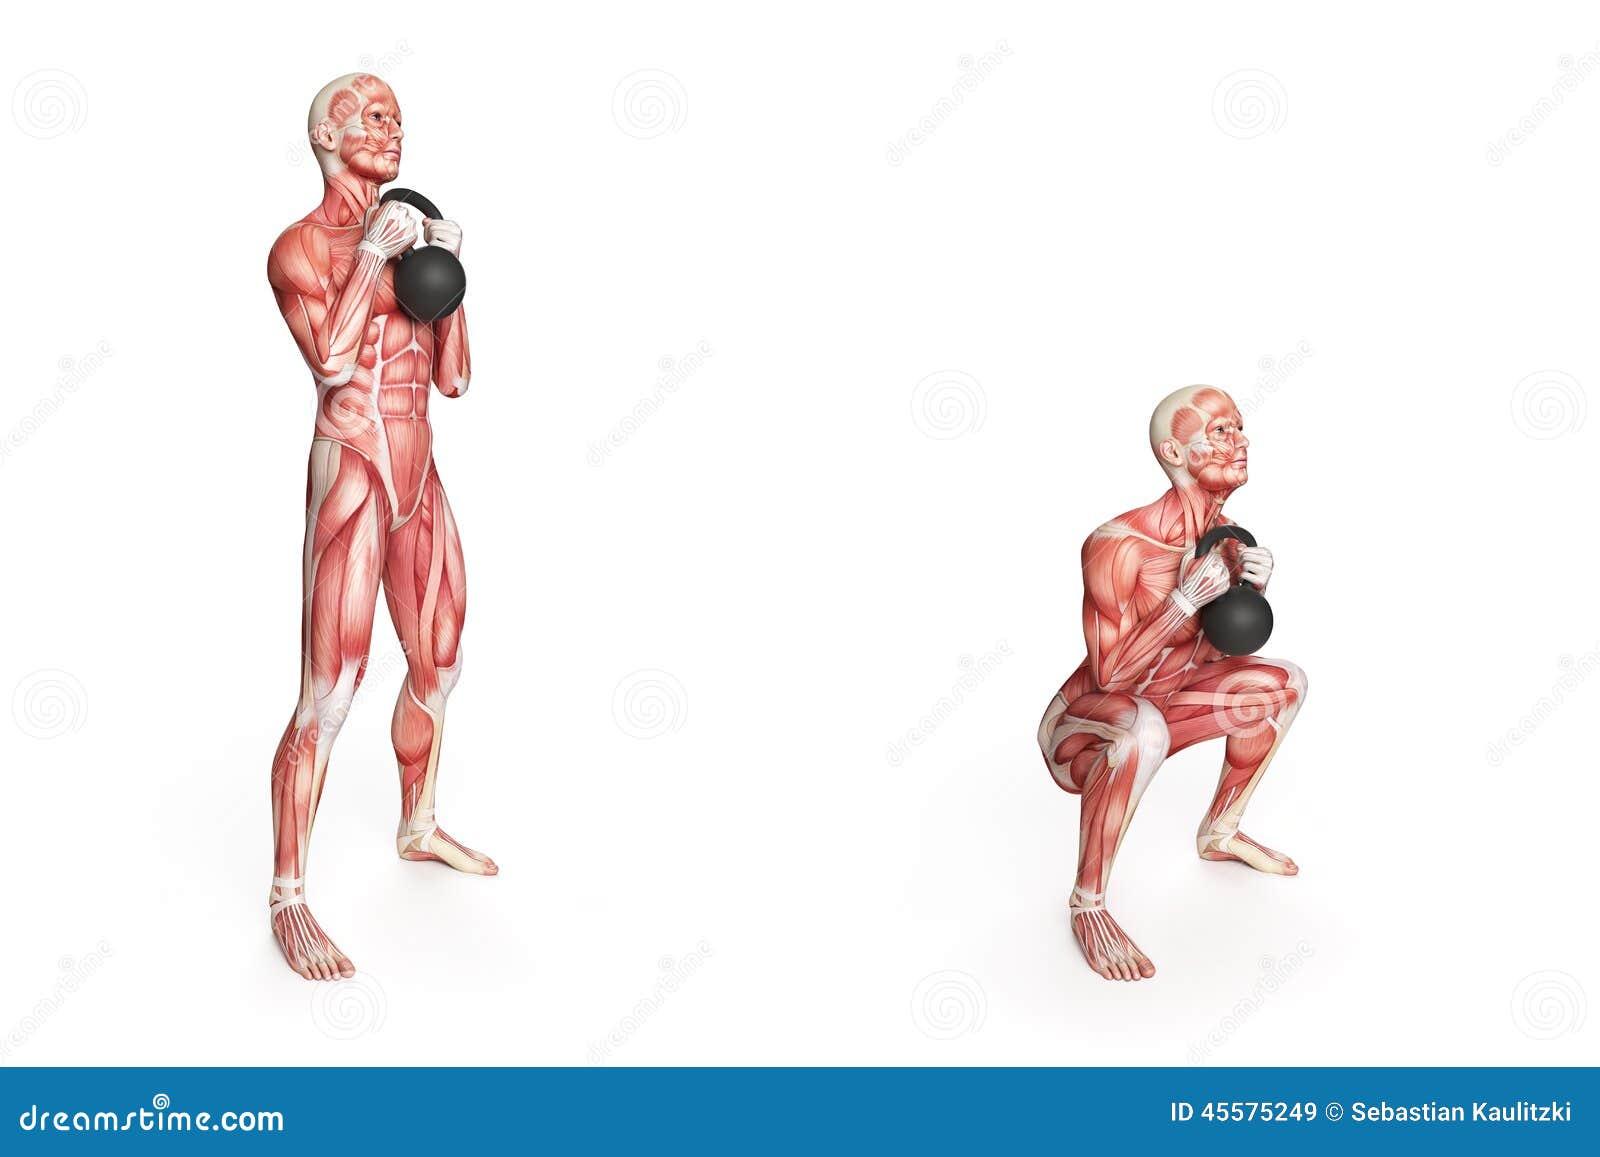 Kettlebell Exercise Stock Illustration - Image: 45575249